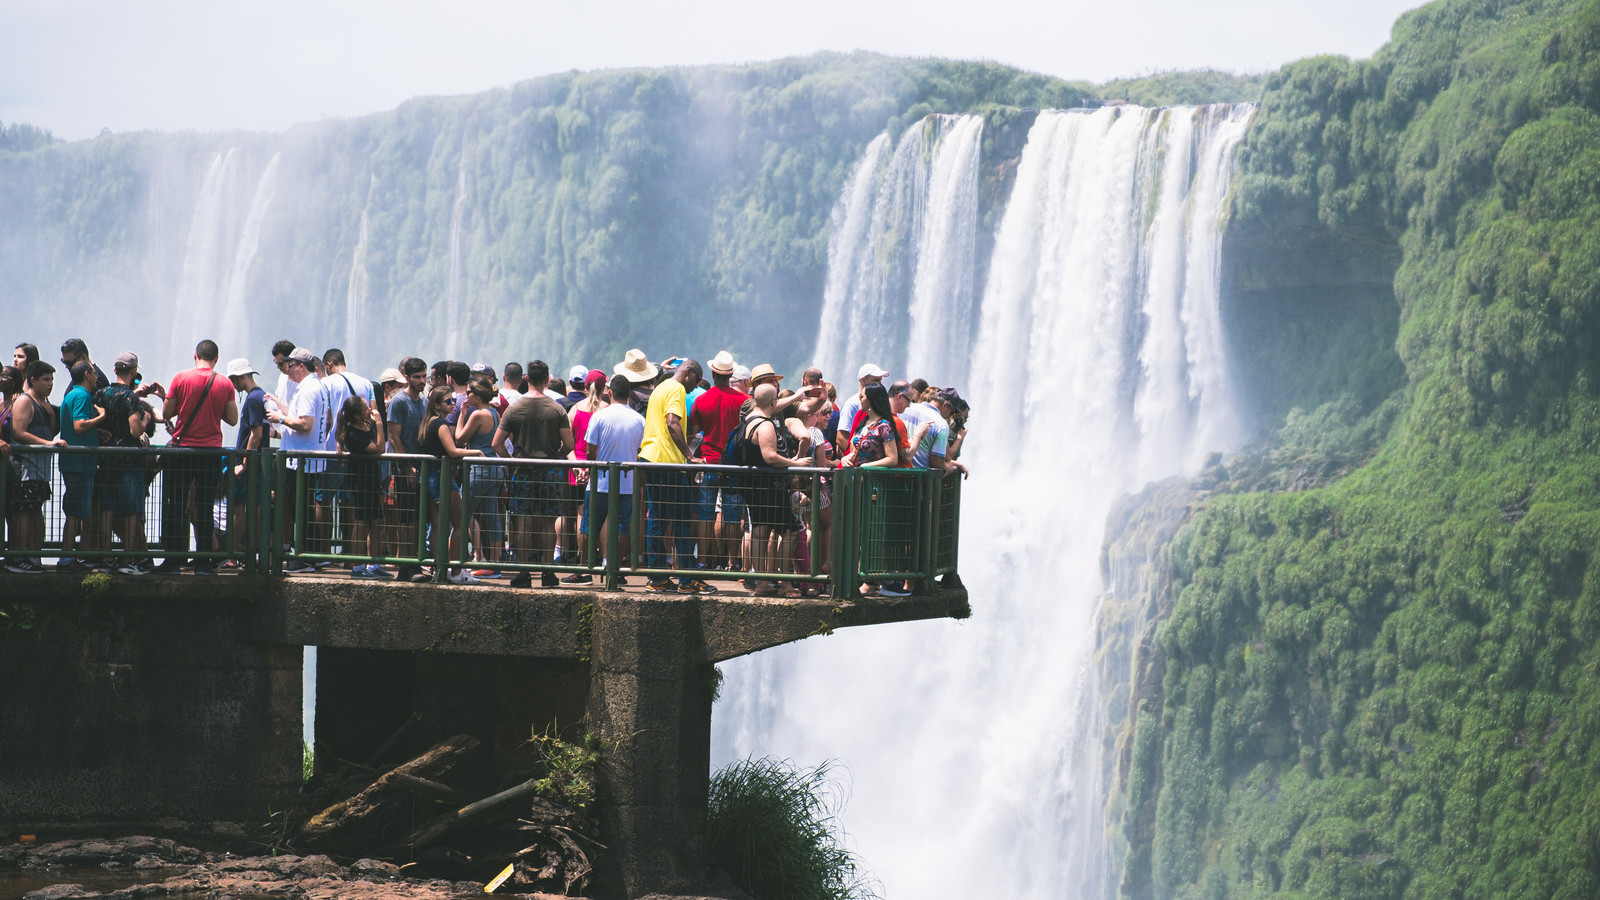 絶景の滝の上に設置された遊歩道と下を覗き見る観光客(イグアスの滝)のフリー素材